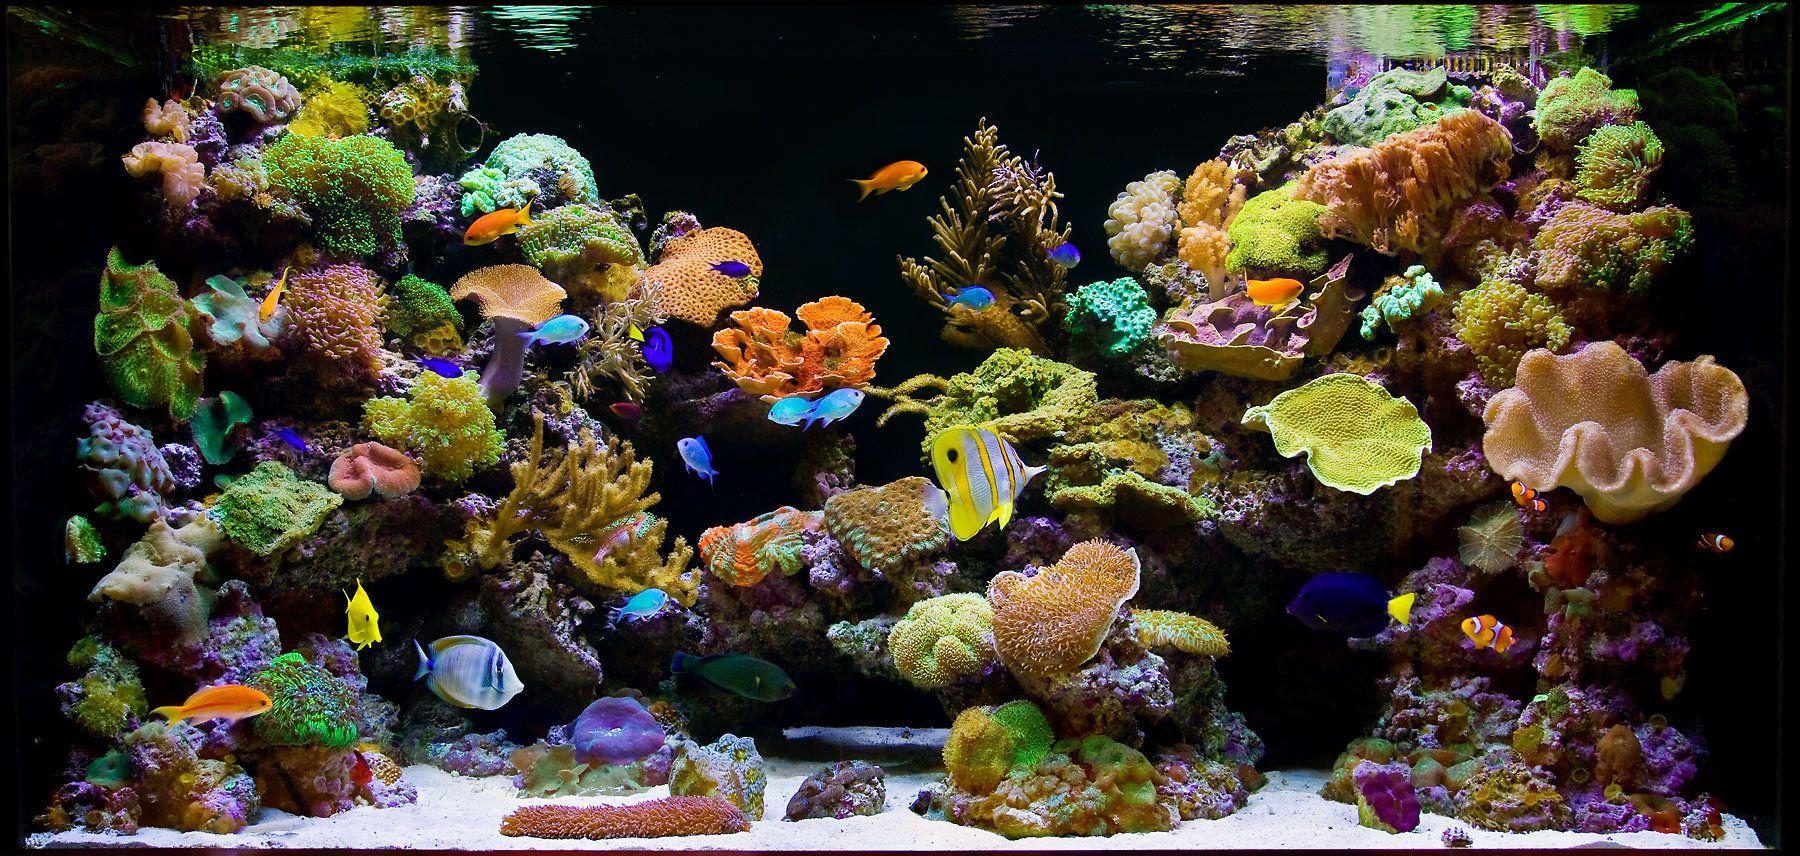 Aquarium Design Group   A Splendid Reef Aquarium Scene